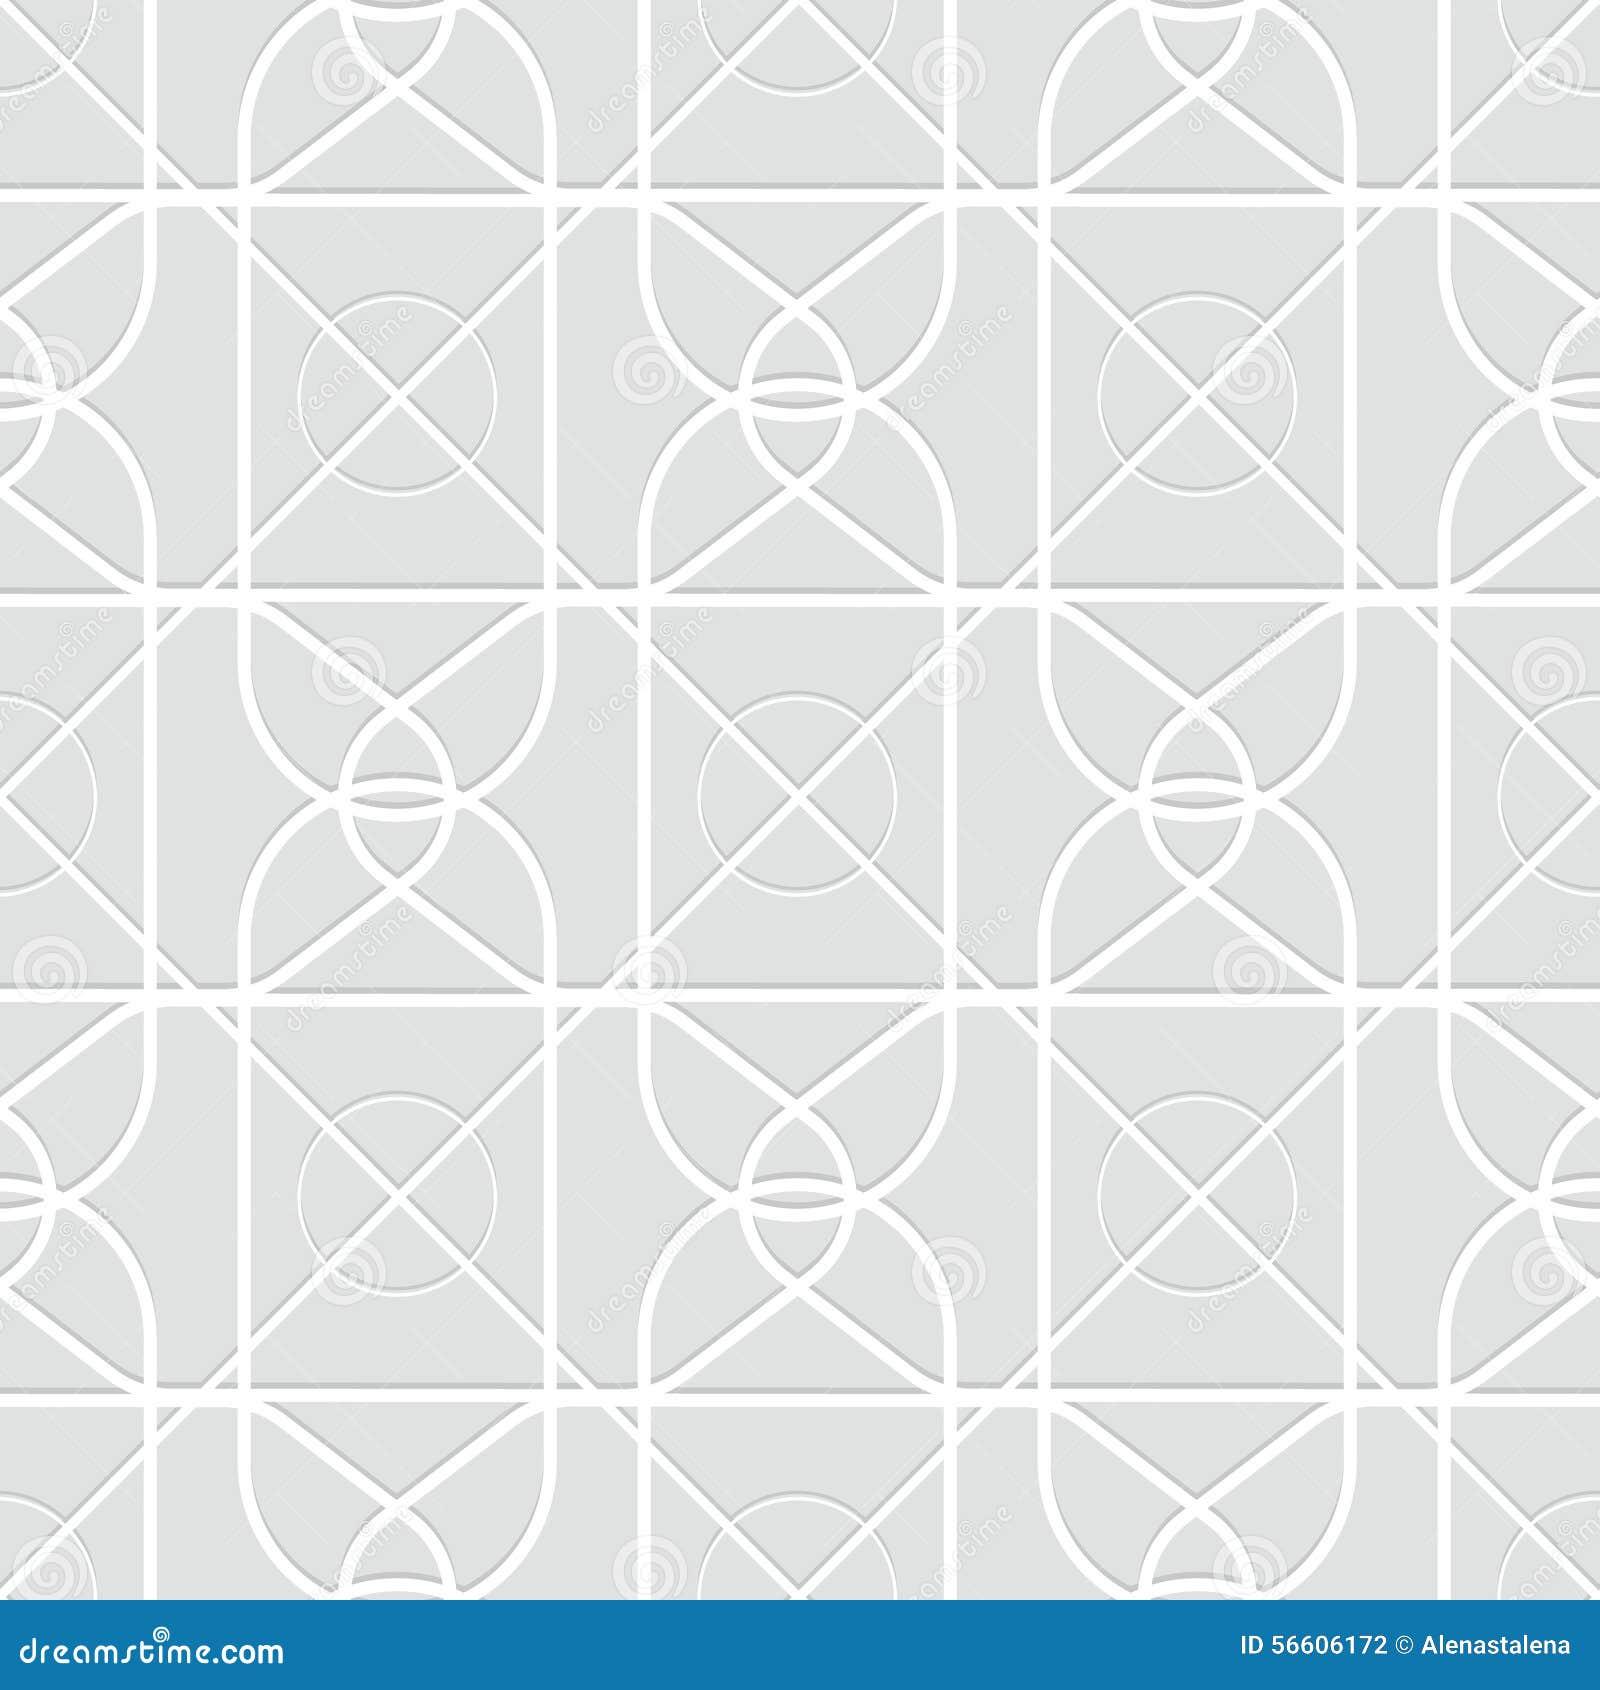 Arabic Book Cover Design Vector : Vector arabic geometric pattern creative design stock